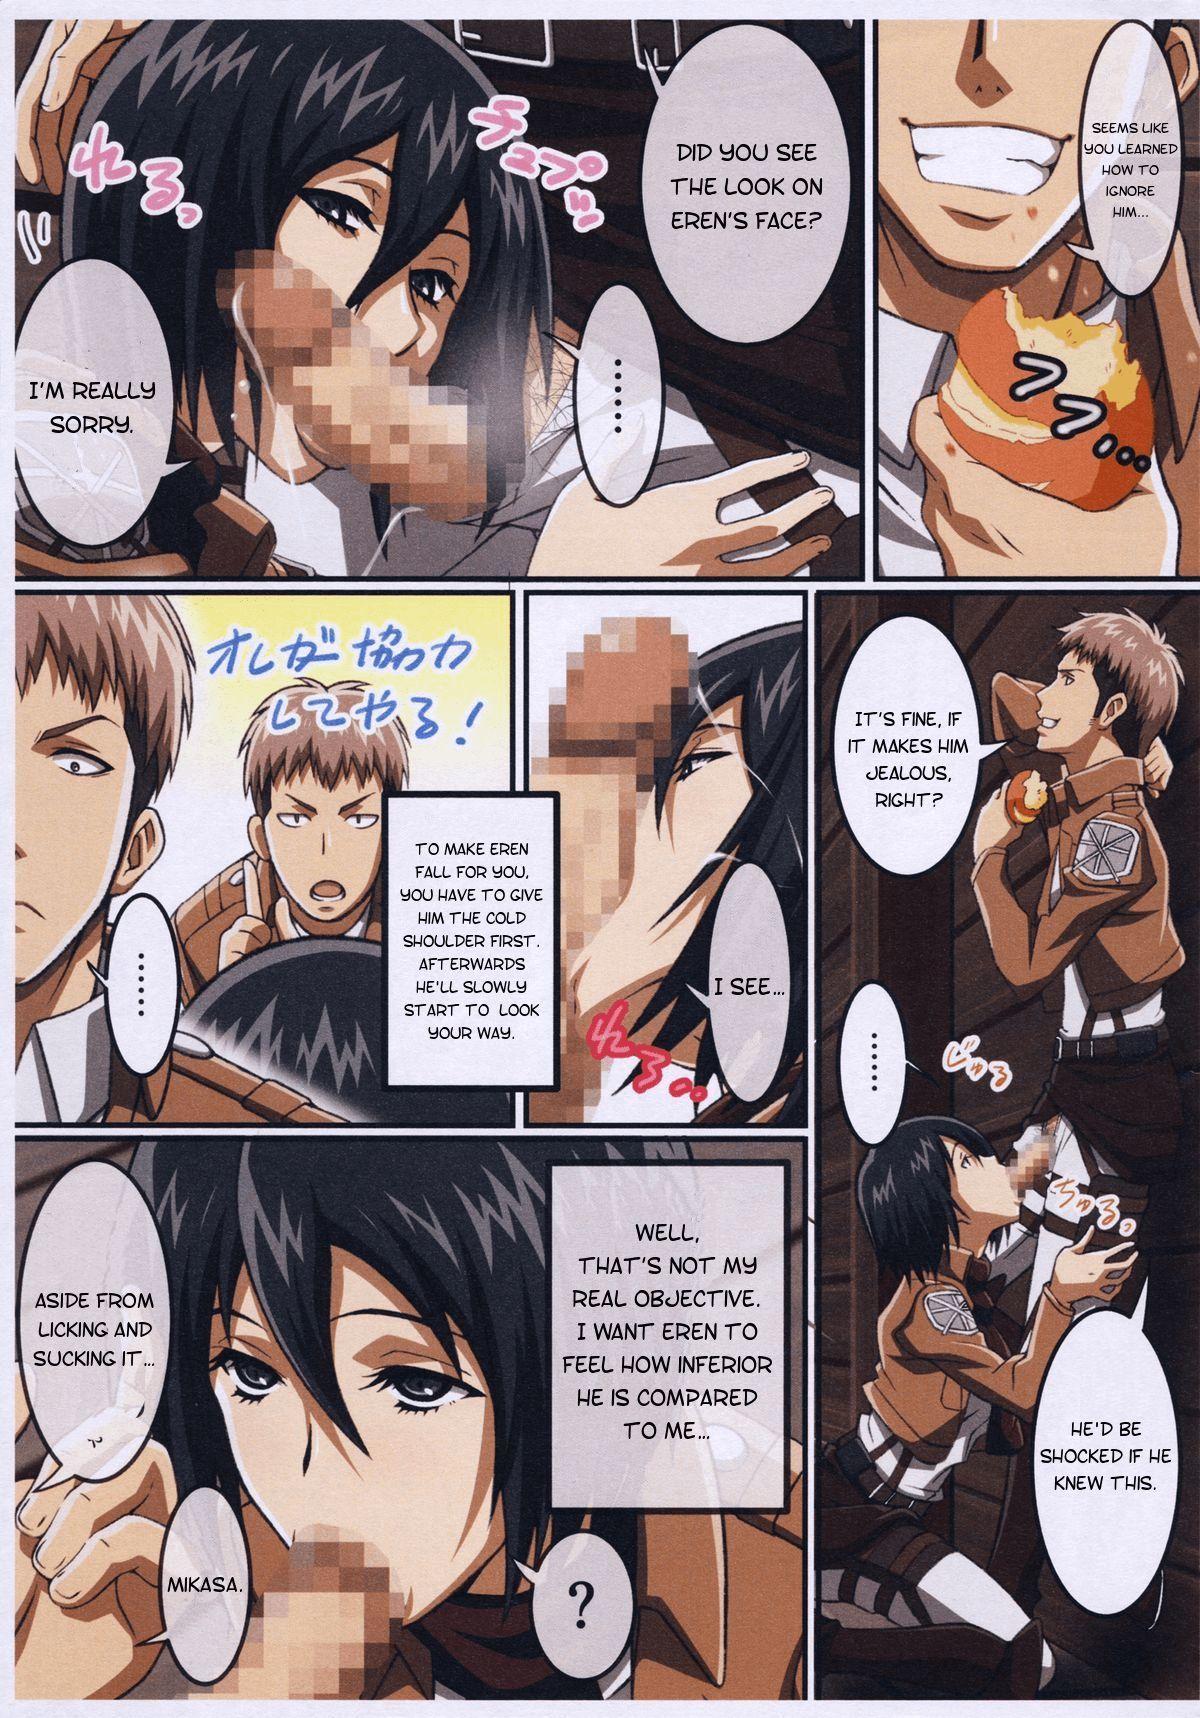 Titan Hentai Angriff Mikasa ATTACK ON